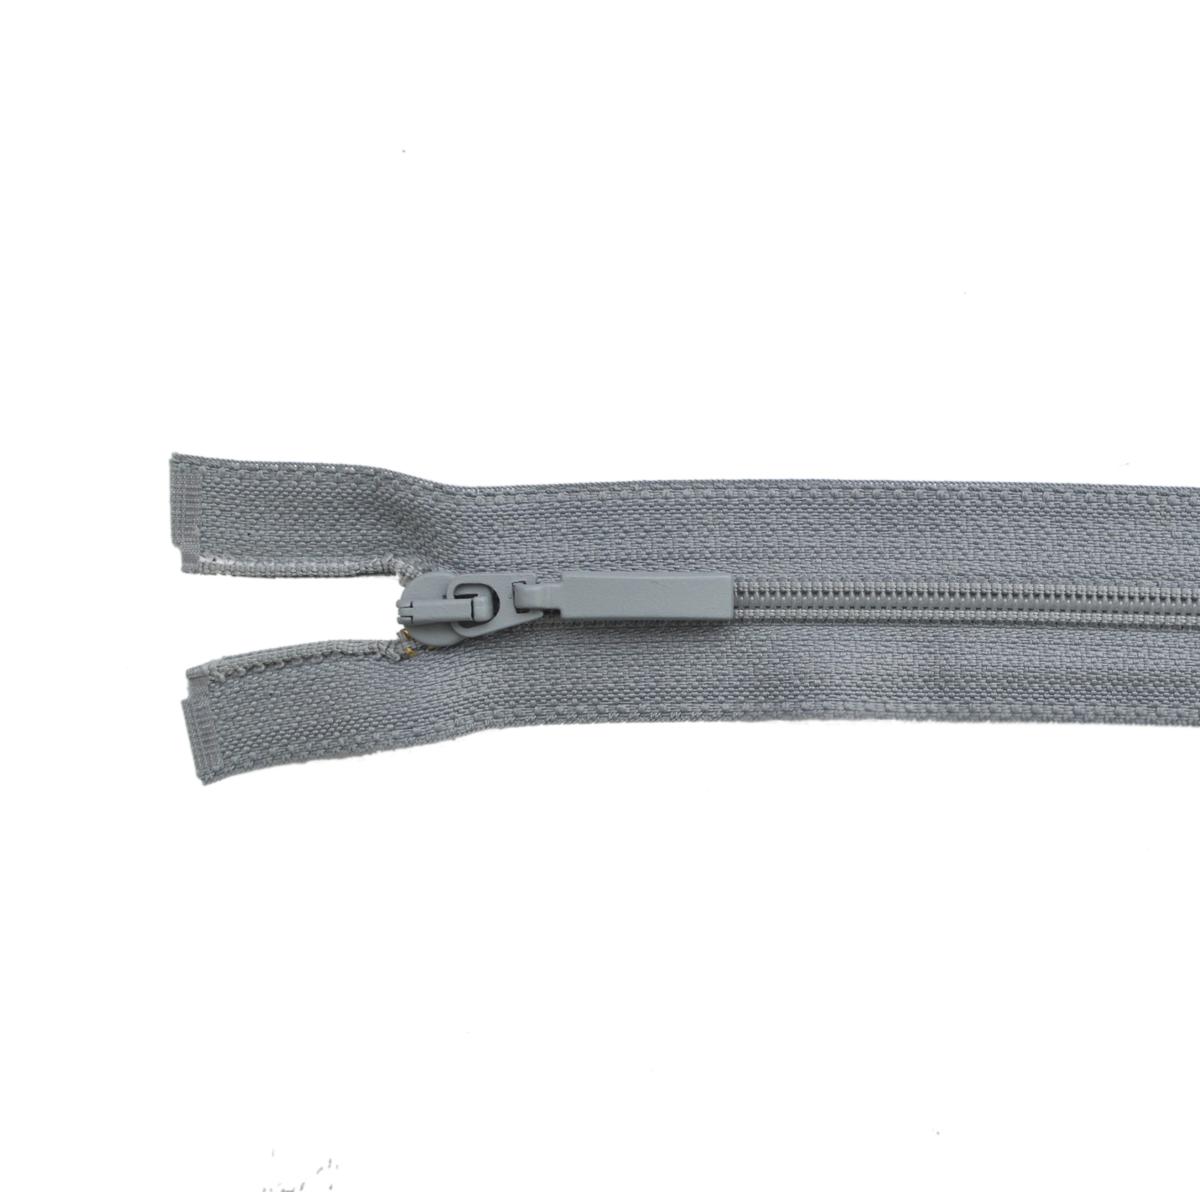 Застежка-молния витая Arta-F, цвет: серый (243), 50 см25350-243Продукция ARTA-F сертифицирована на Российский, Британский и Латвийский стандарт. Фурнитура ARTA-F изготавливается из европейских материалов, на современном оборудовании, в соответствии с высокими требованиями стандартов. Вся продукция фабрики проходит тесты на качество.Звено застежки-молнии Экстра имеет боковые приливы, которые исключают контакт замка с текстильной лентой, а сокращенный до минимума зазор между замком и приливами звена предохраняет от возможности попадания в замок подкладки, меха, нитей. В то же время эти меры повышают прочность застежки при высоких нагрузках, особенно на изгиб. Применение таких приливов на молниях ARTA-F не только повышает эксплуатационные качества застежки, но и увеличивает прочность крепления звена к ленте, и продлевает срок службы застежек-молний ARTA-F. Такая застежка-молния безопасна, легка в использовании и не повредит одежду.